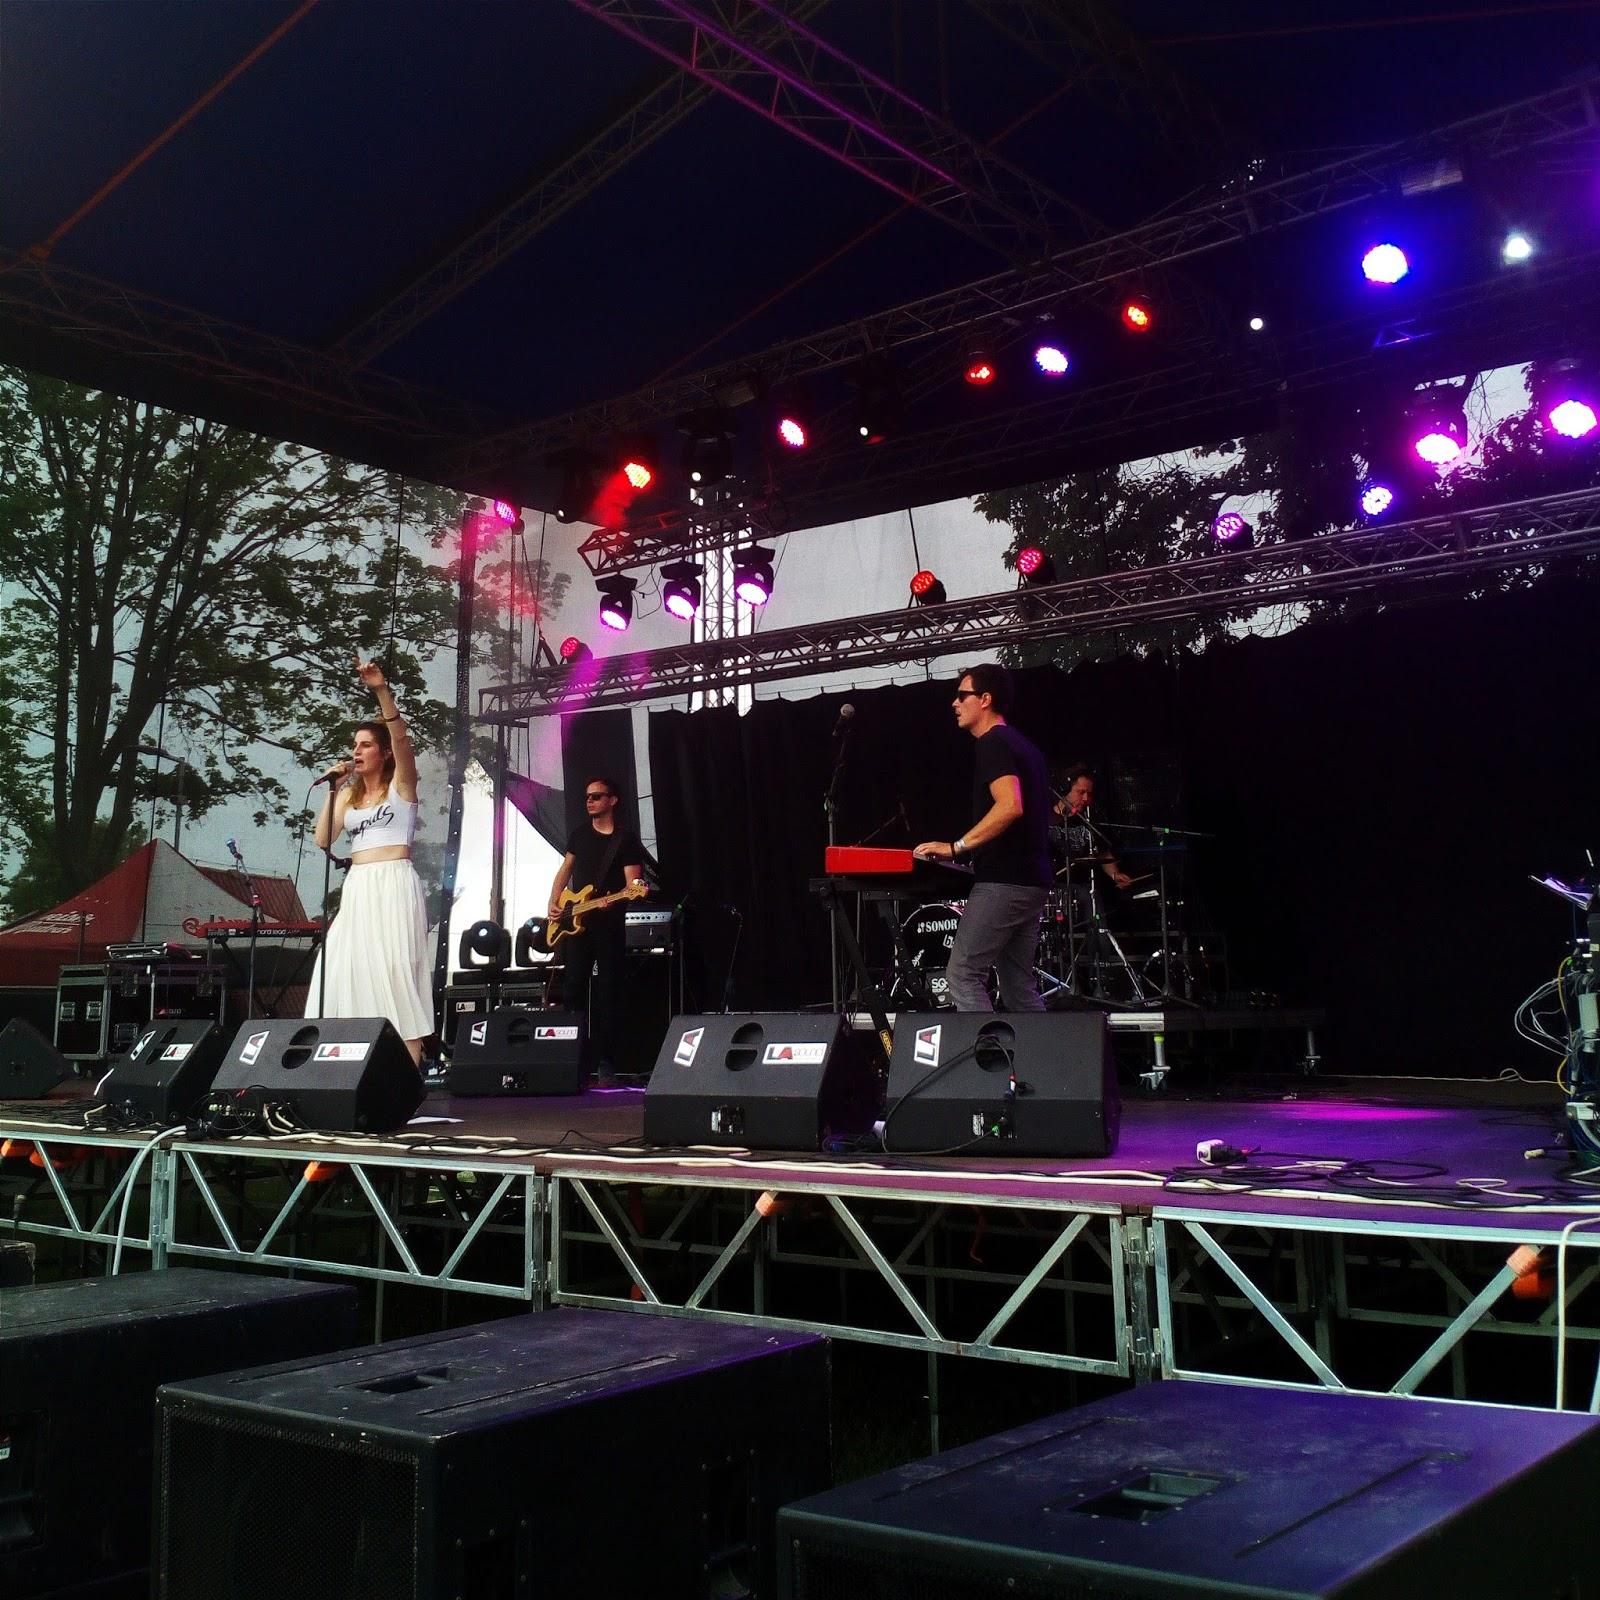 KLARA Vytisková na festivalu Fingers Up v Mohelnici